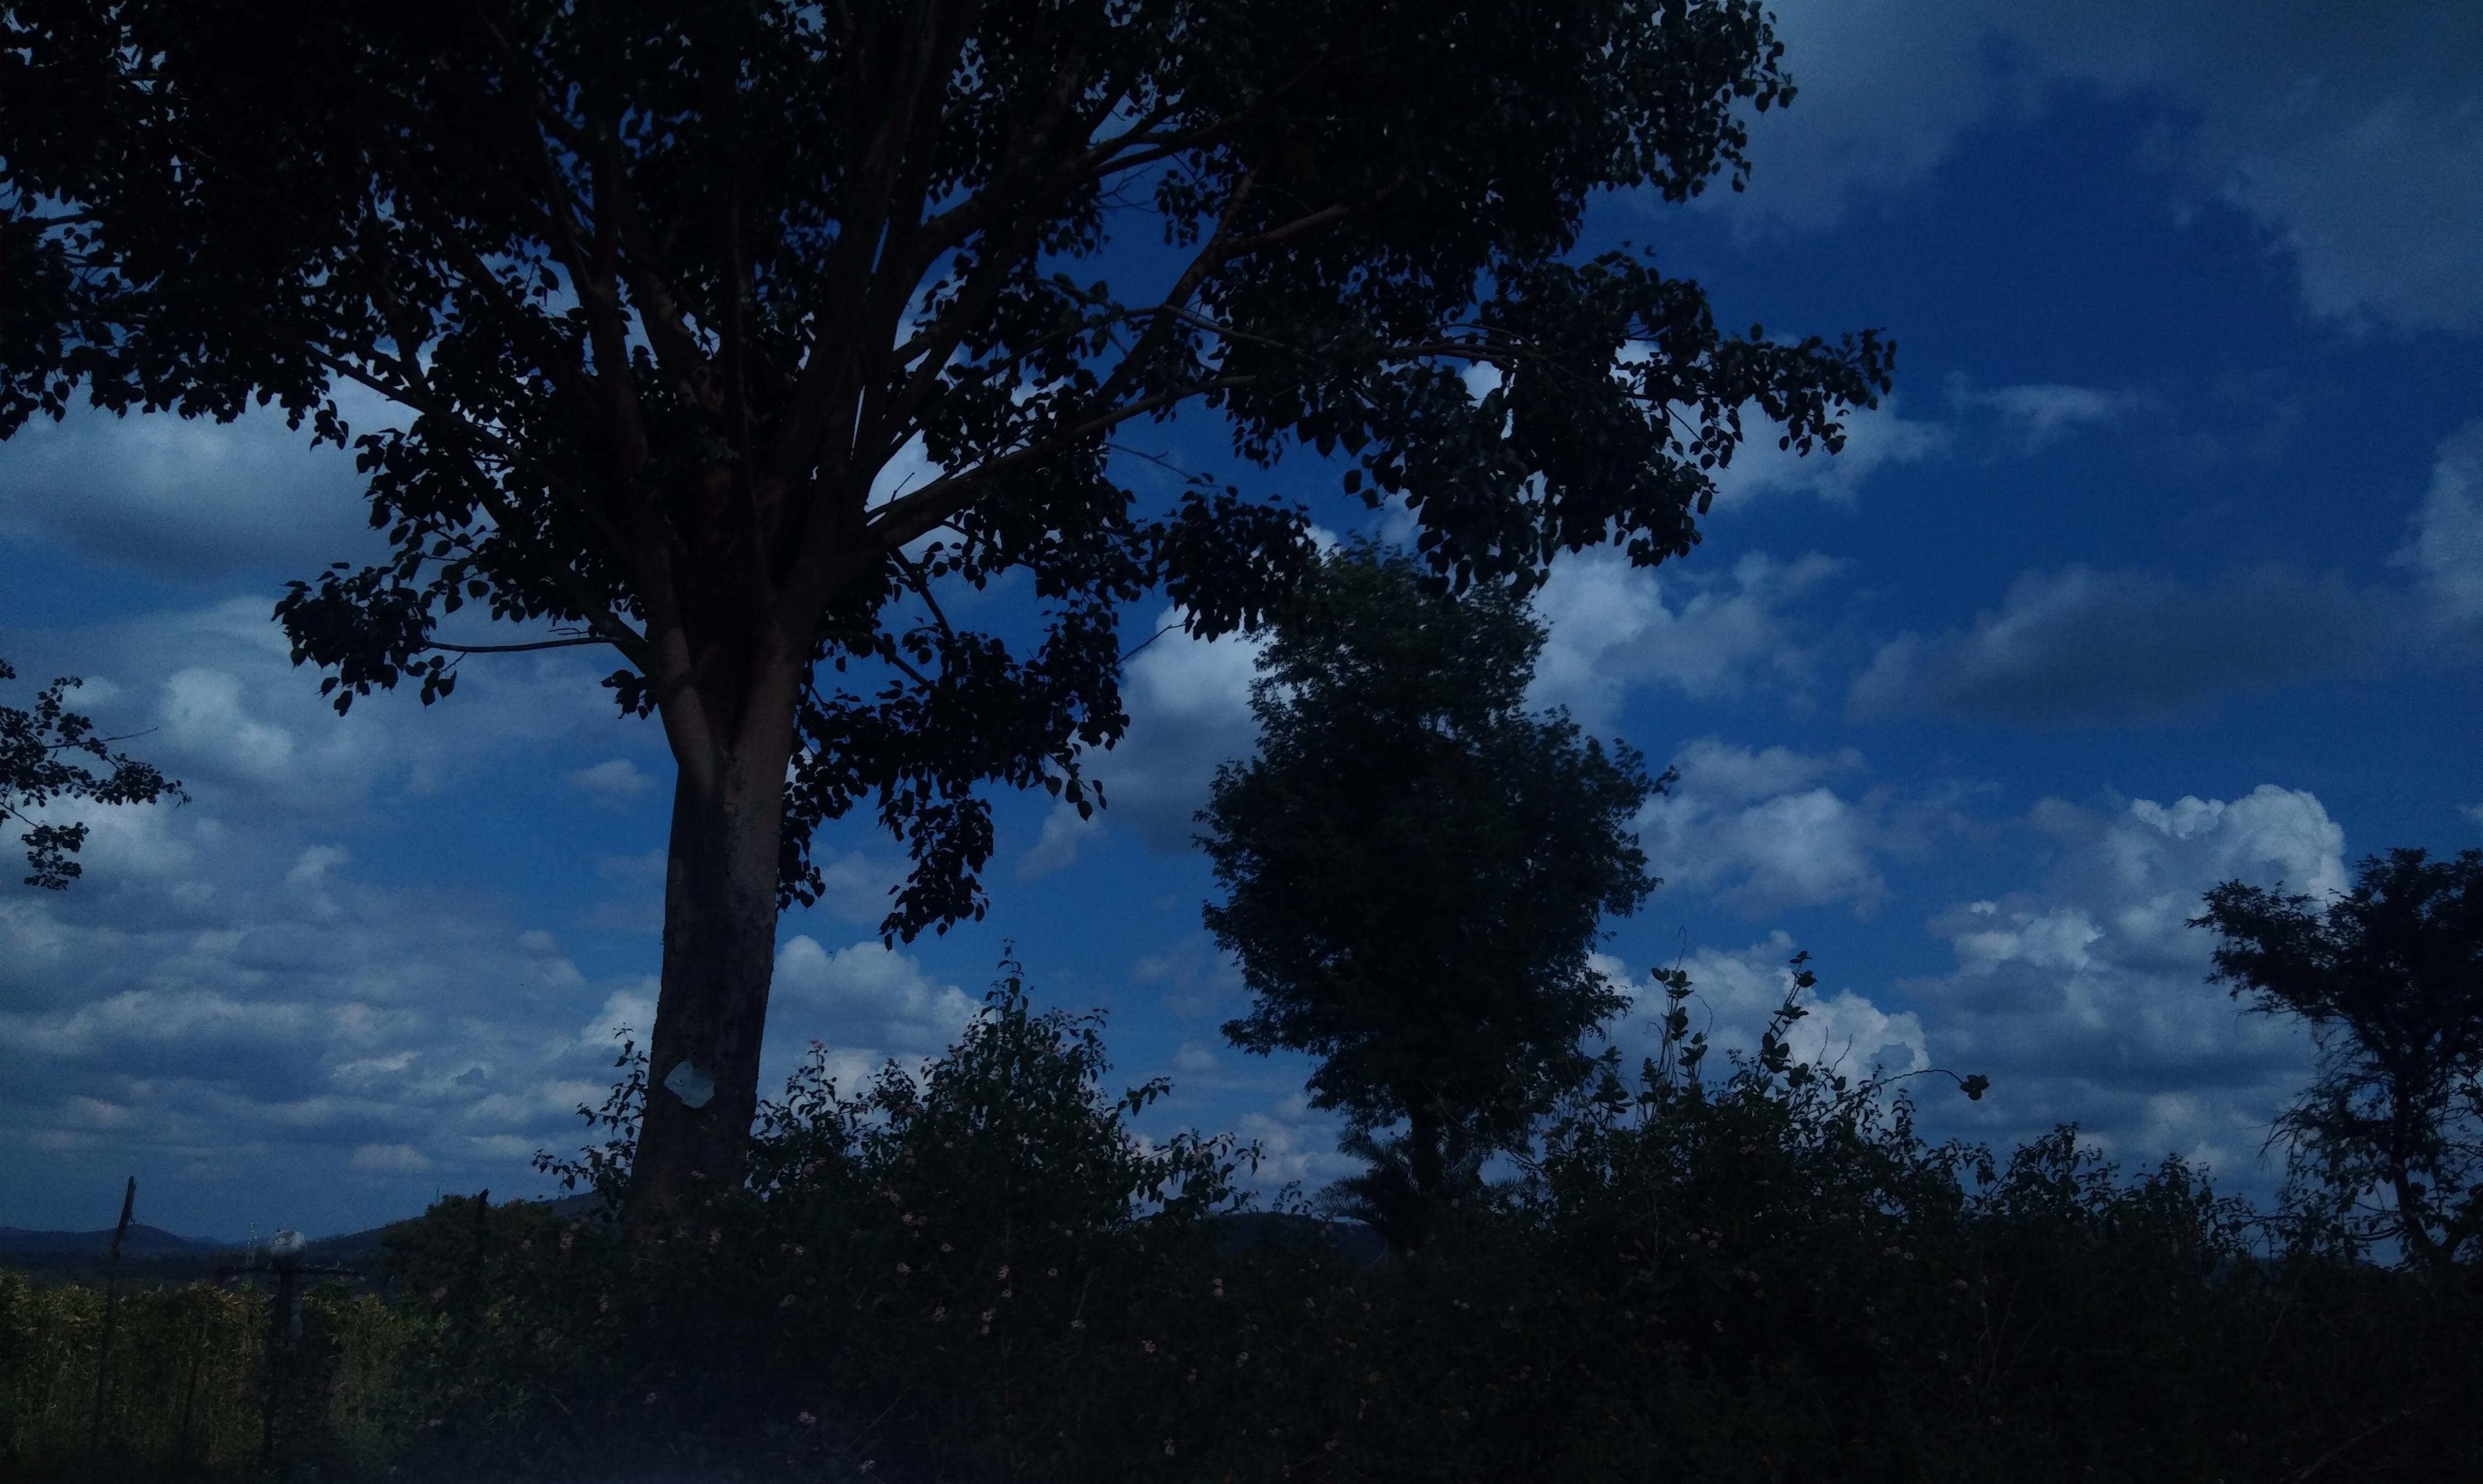 File:Dark Nature.jpg - Wikimedia Commons